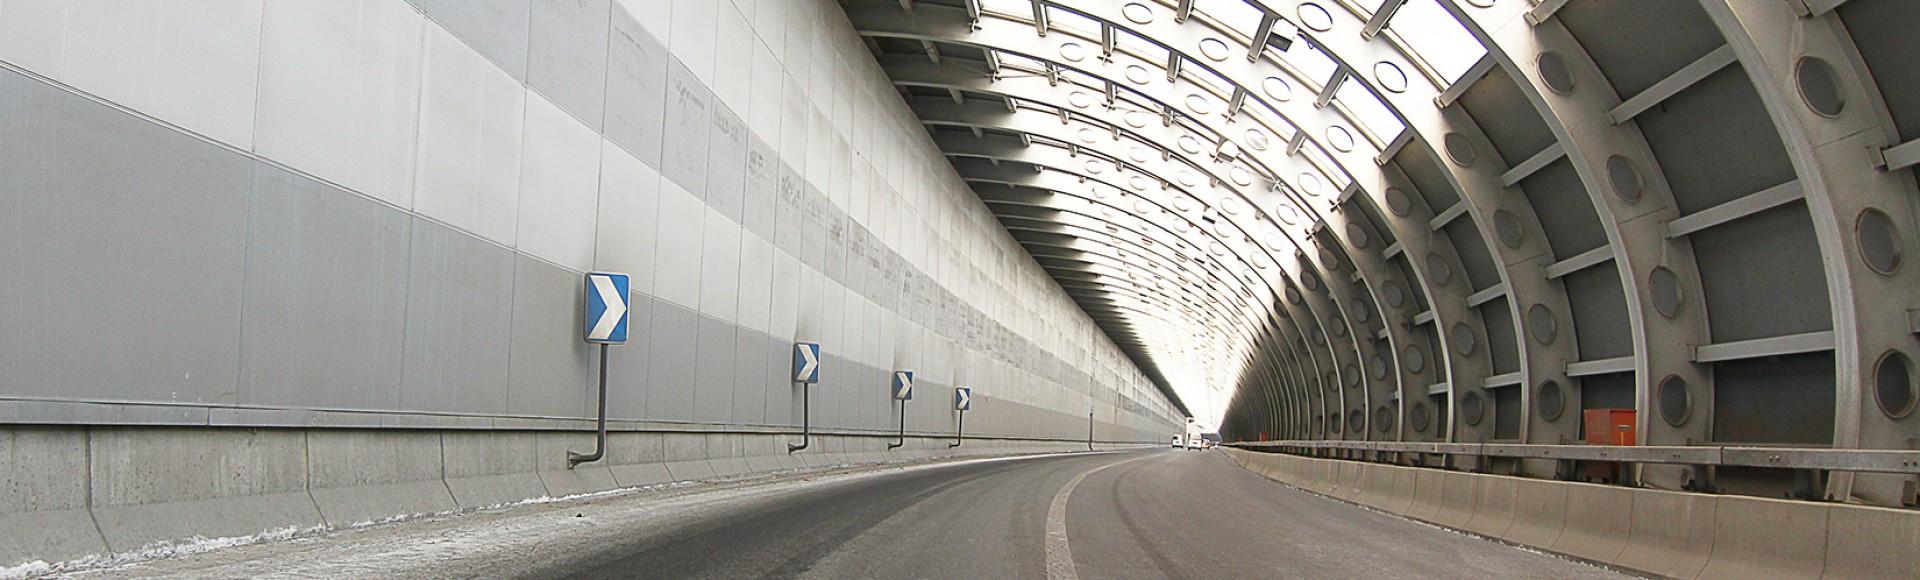 Beijing Zoo Road Bridge – 1